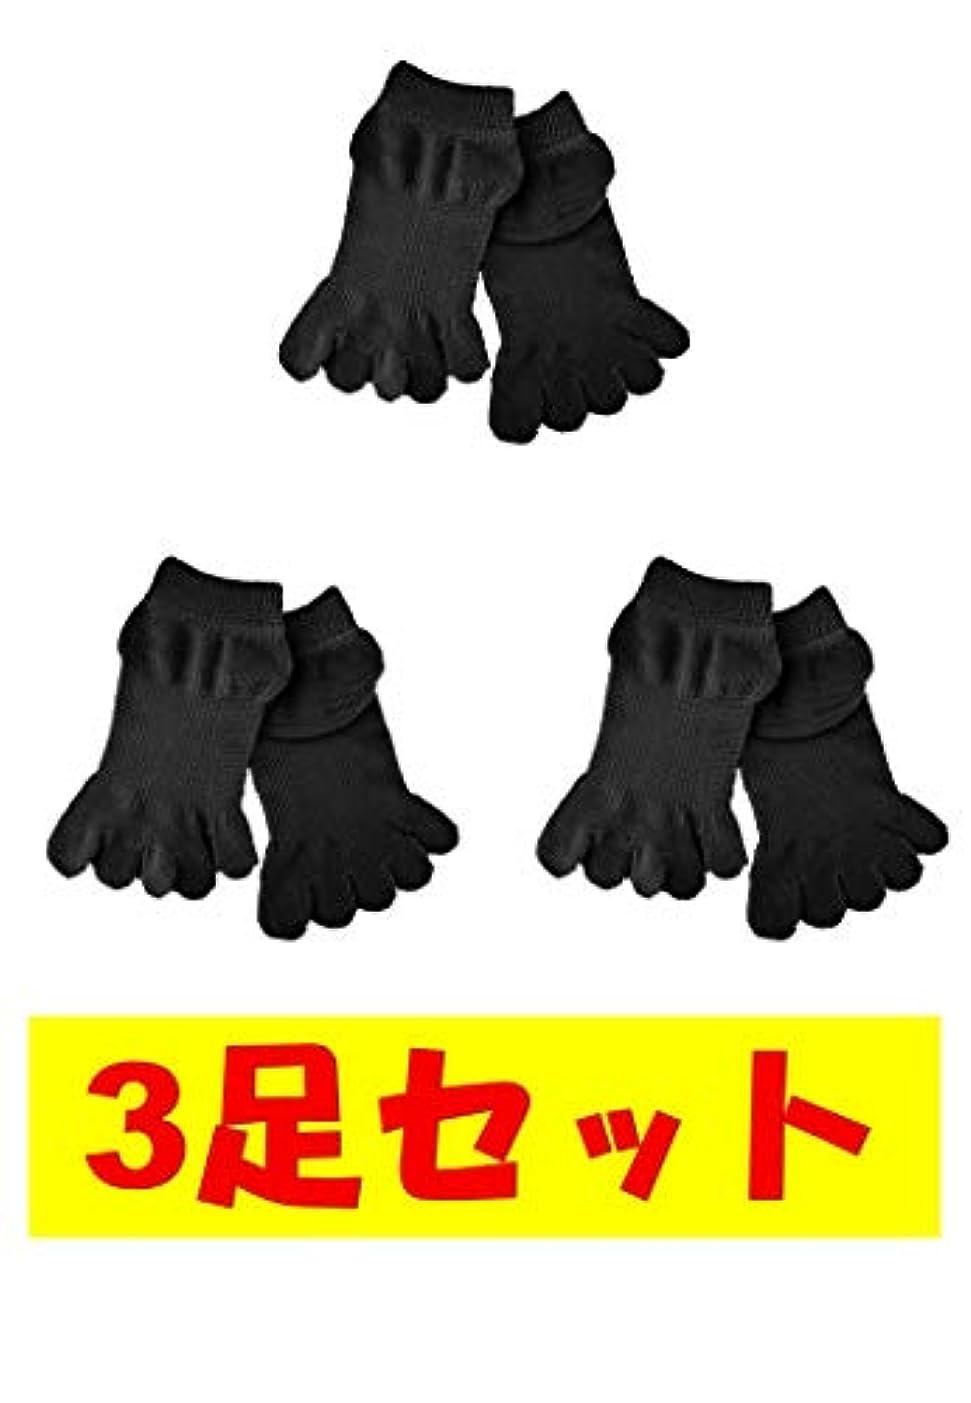 貧困抵抗外観お買い得3足セット 5本指 ゆびのばソックス ゆびのば アンクル ブラック iサイズ 23.5-25.5cm YSANKL-BLK